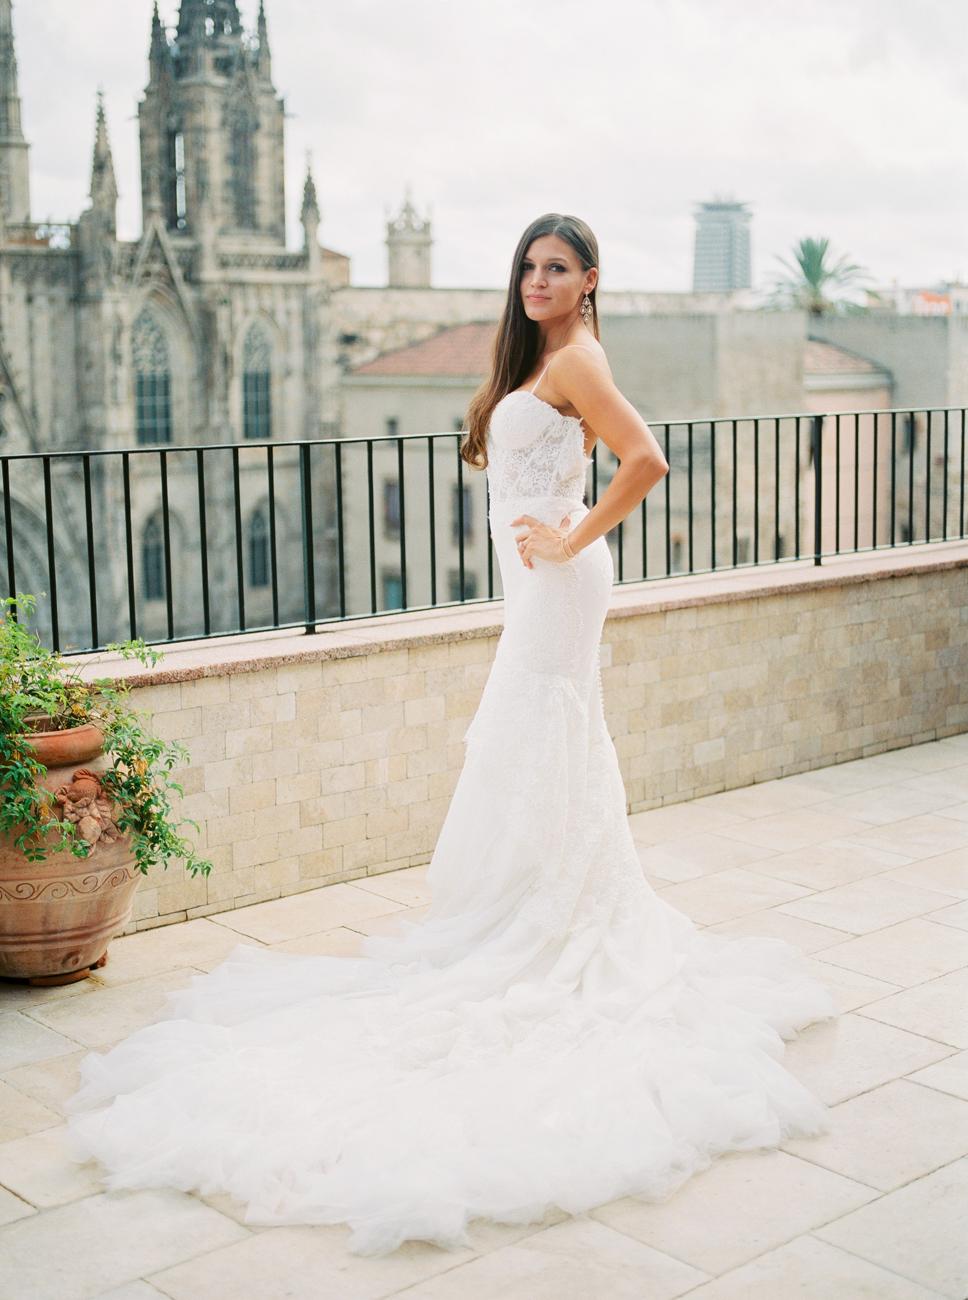 DennisRoyCoronel_Barcelona_Wedding-41.jpg